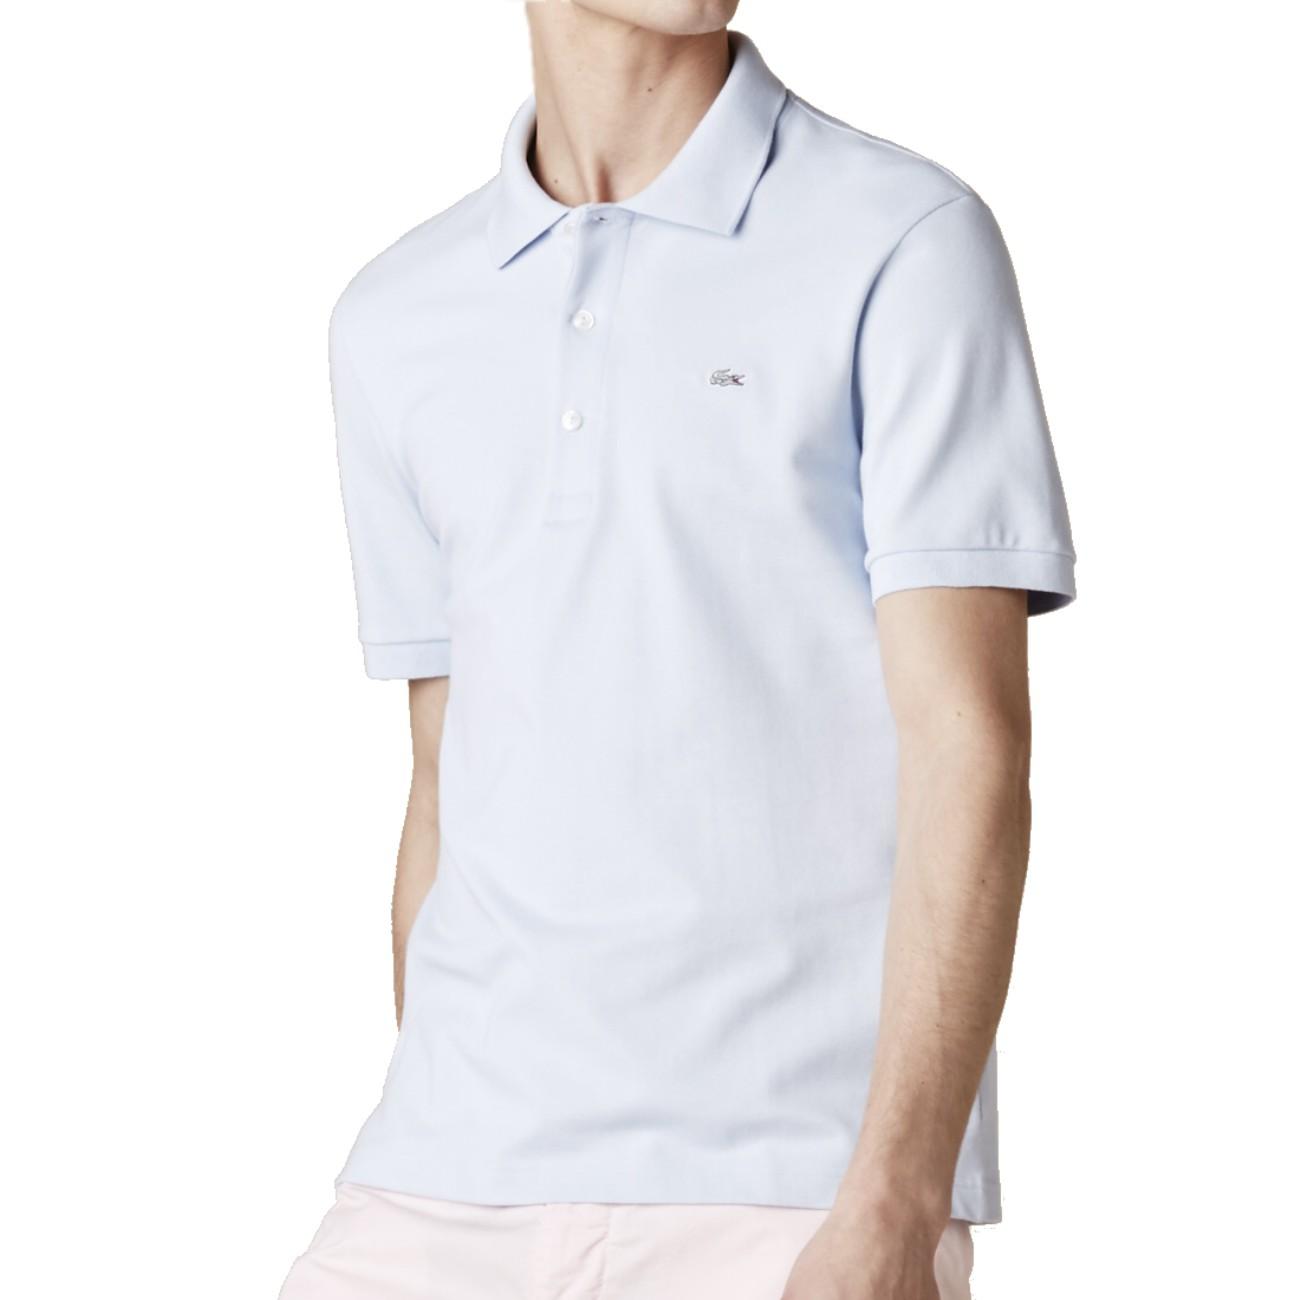 Lacoste stretch polo men 39 s shirt top polo shirt t shirt for Lacoste polo shirts ebay